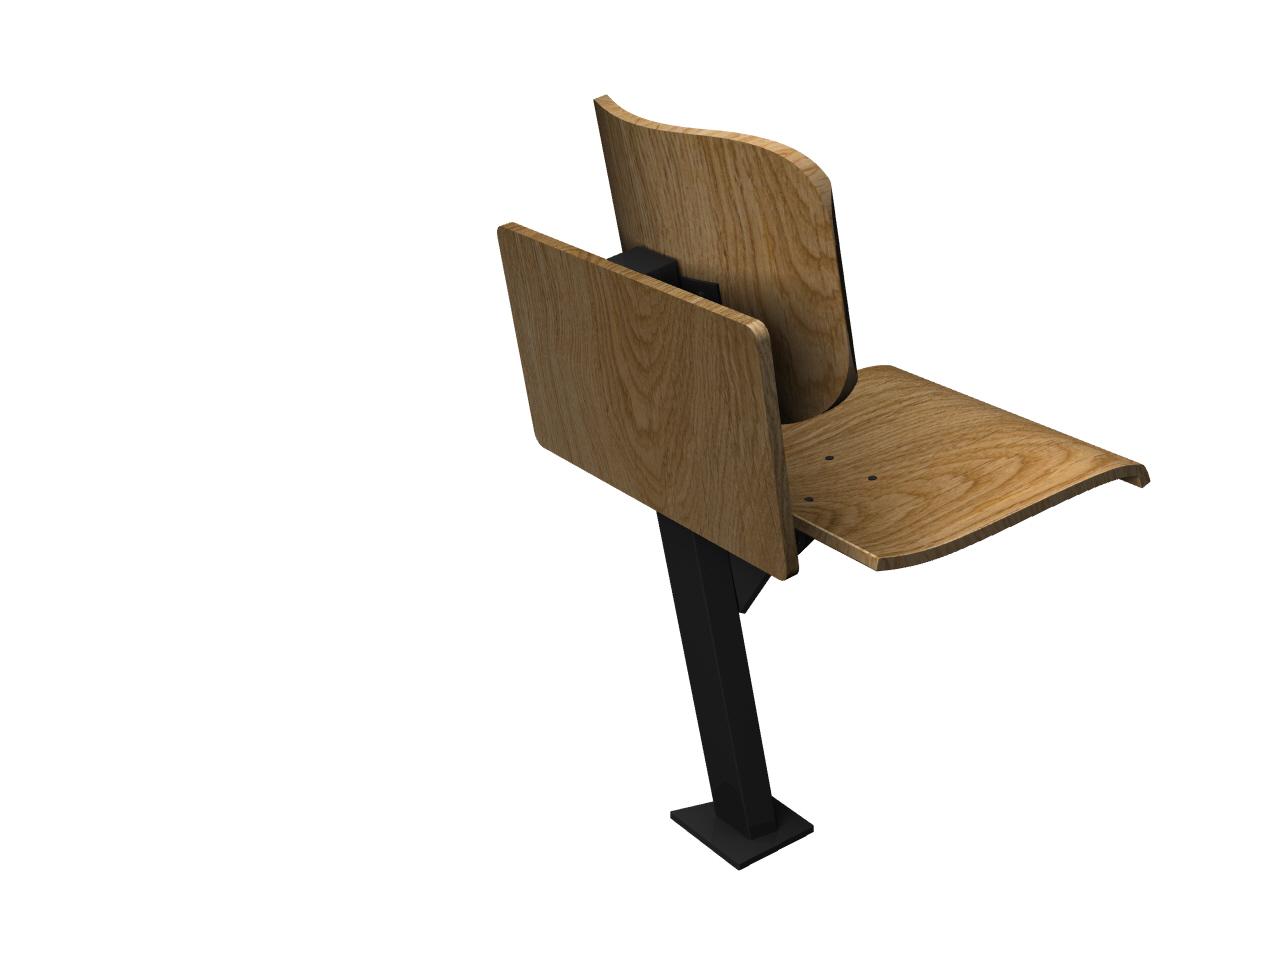 Kleslo - pulpitum- Leader de fabrication de fauteuils cinéma, théâtre ...pulpitum v3